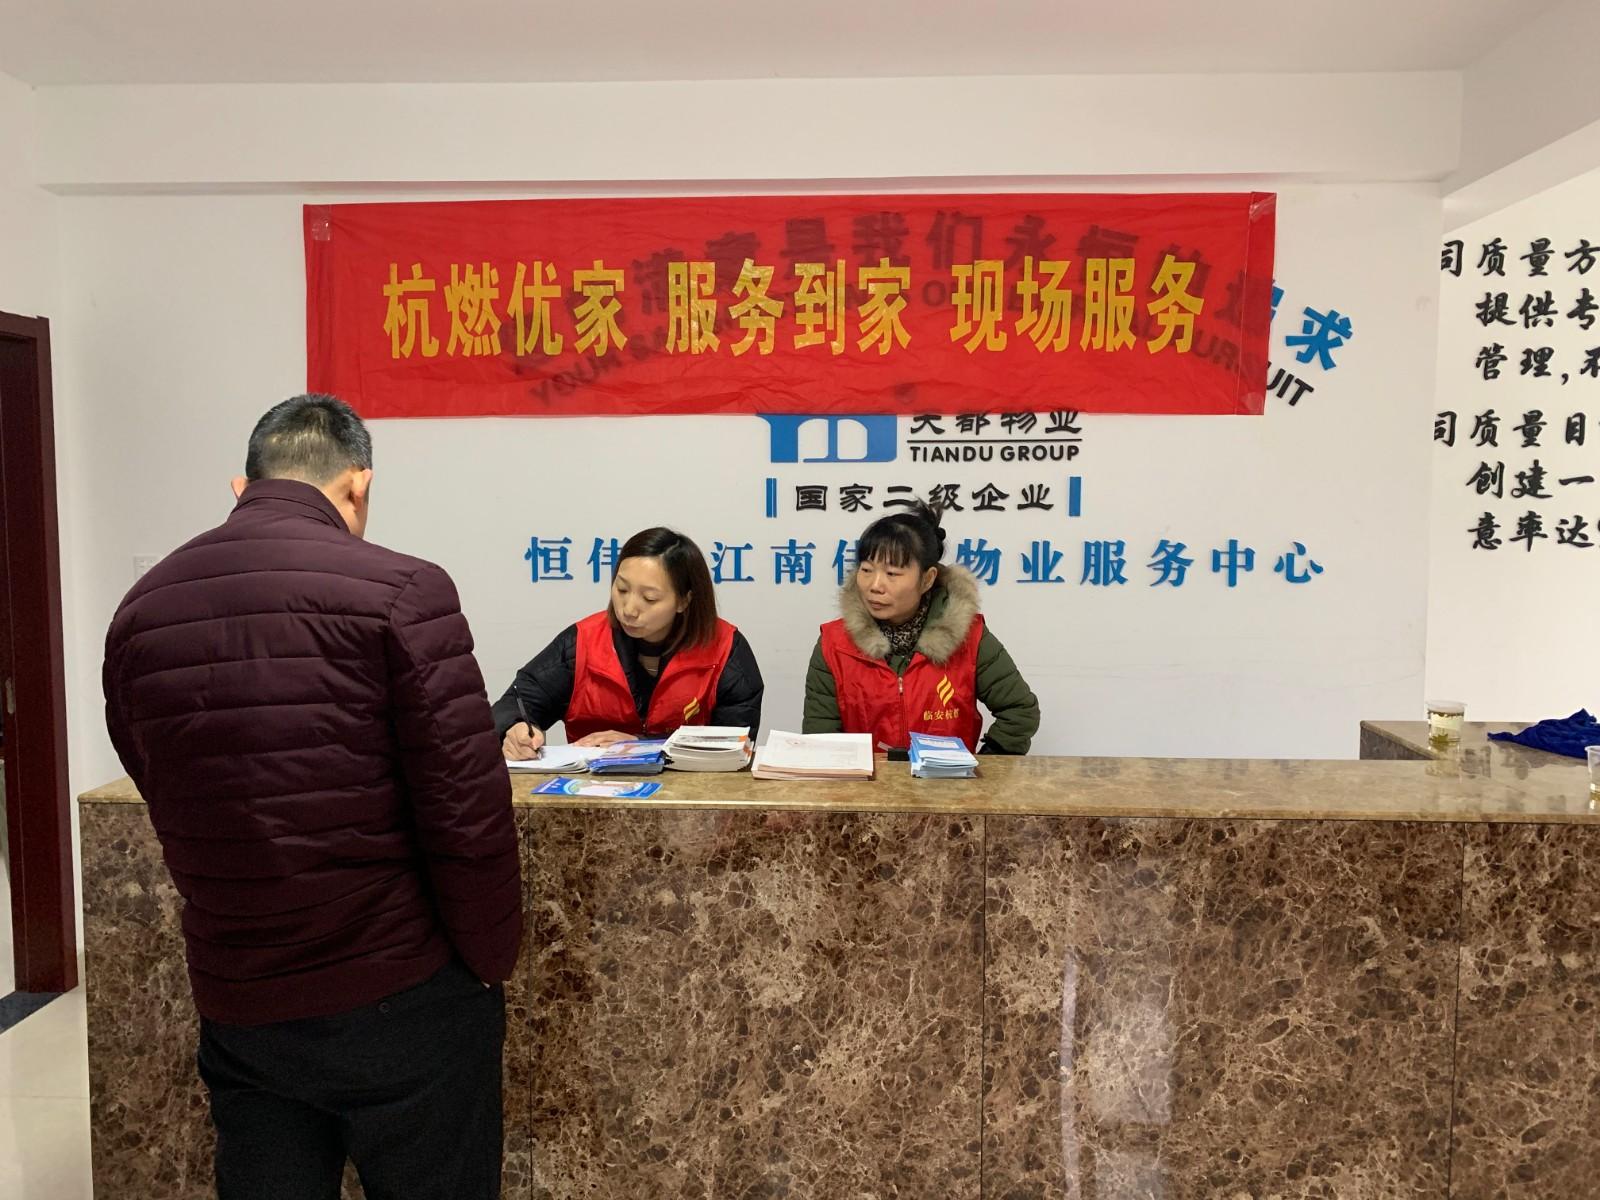 期盼已久的蓝色火焰终于来到了——临安杭燃2019年首个小区江南佳苑通气点火